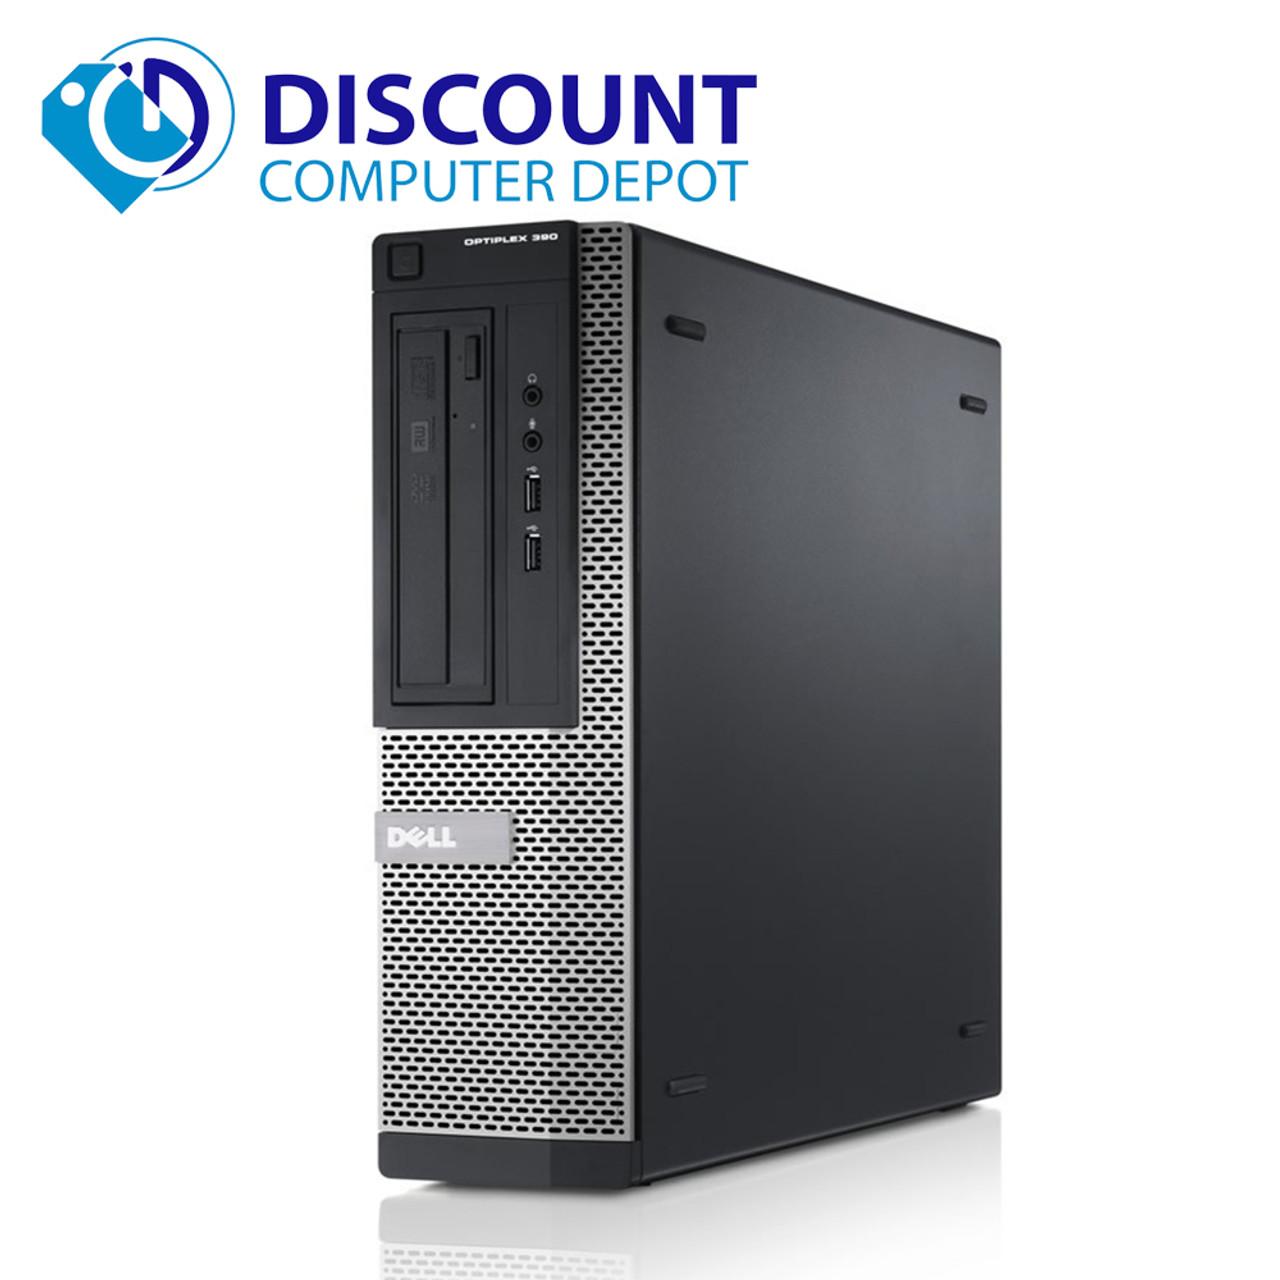 Dell Optiplex 390 Windows 10 Pro Desktop Computer Core i3 3 1GHz 4GB 1TB  HDMI and WIFI